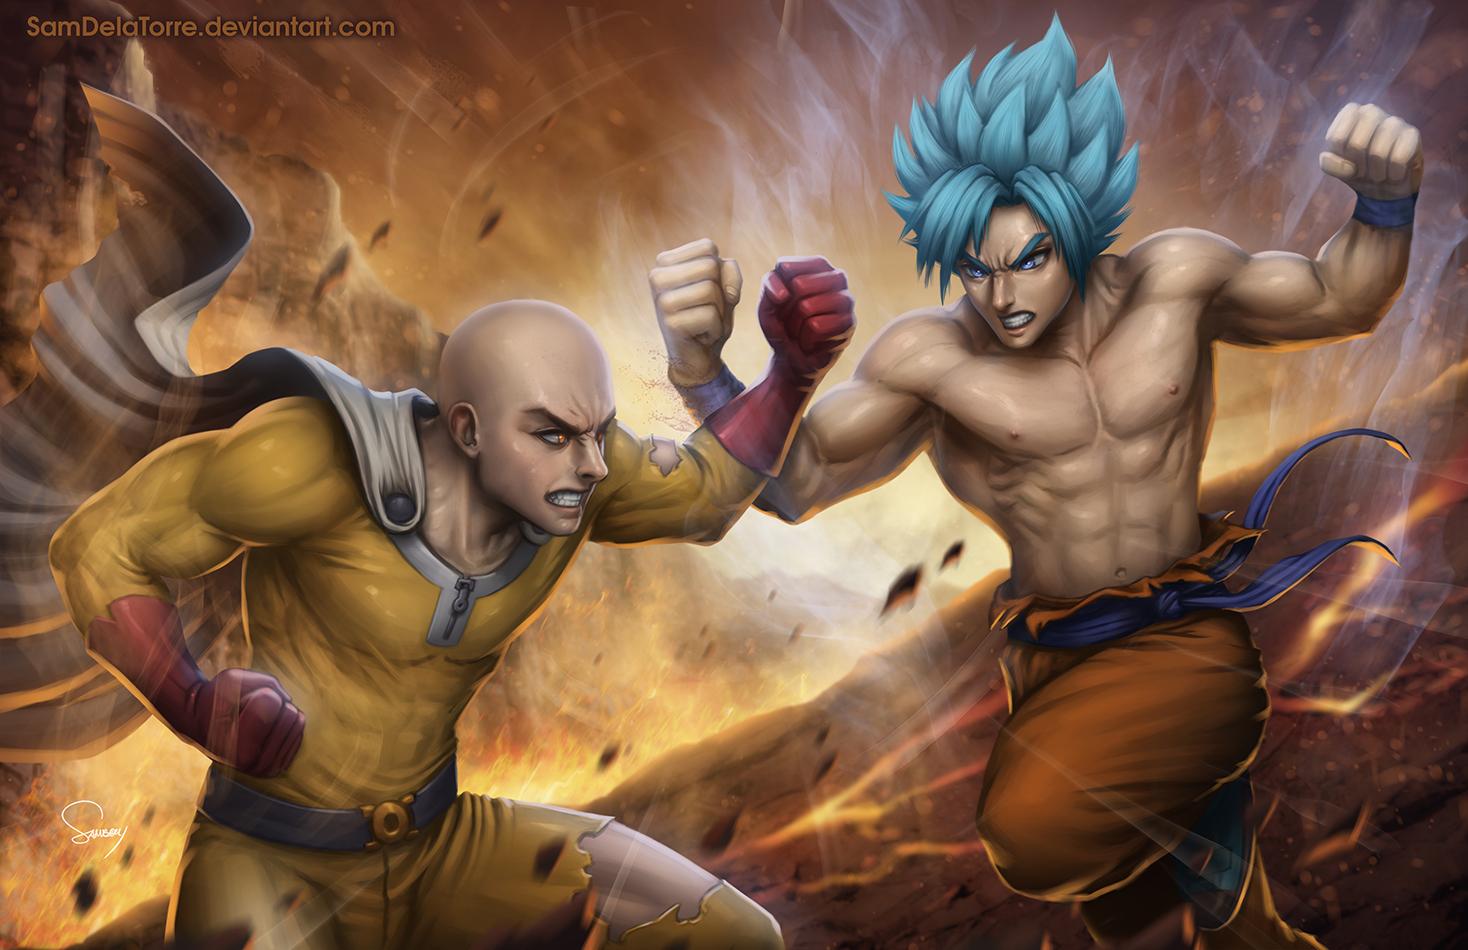 Saitama Vs Goku By SamDelaTorre